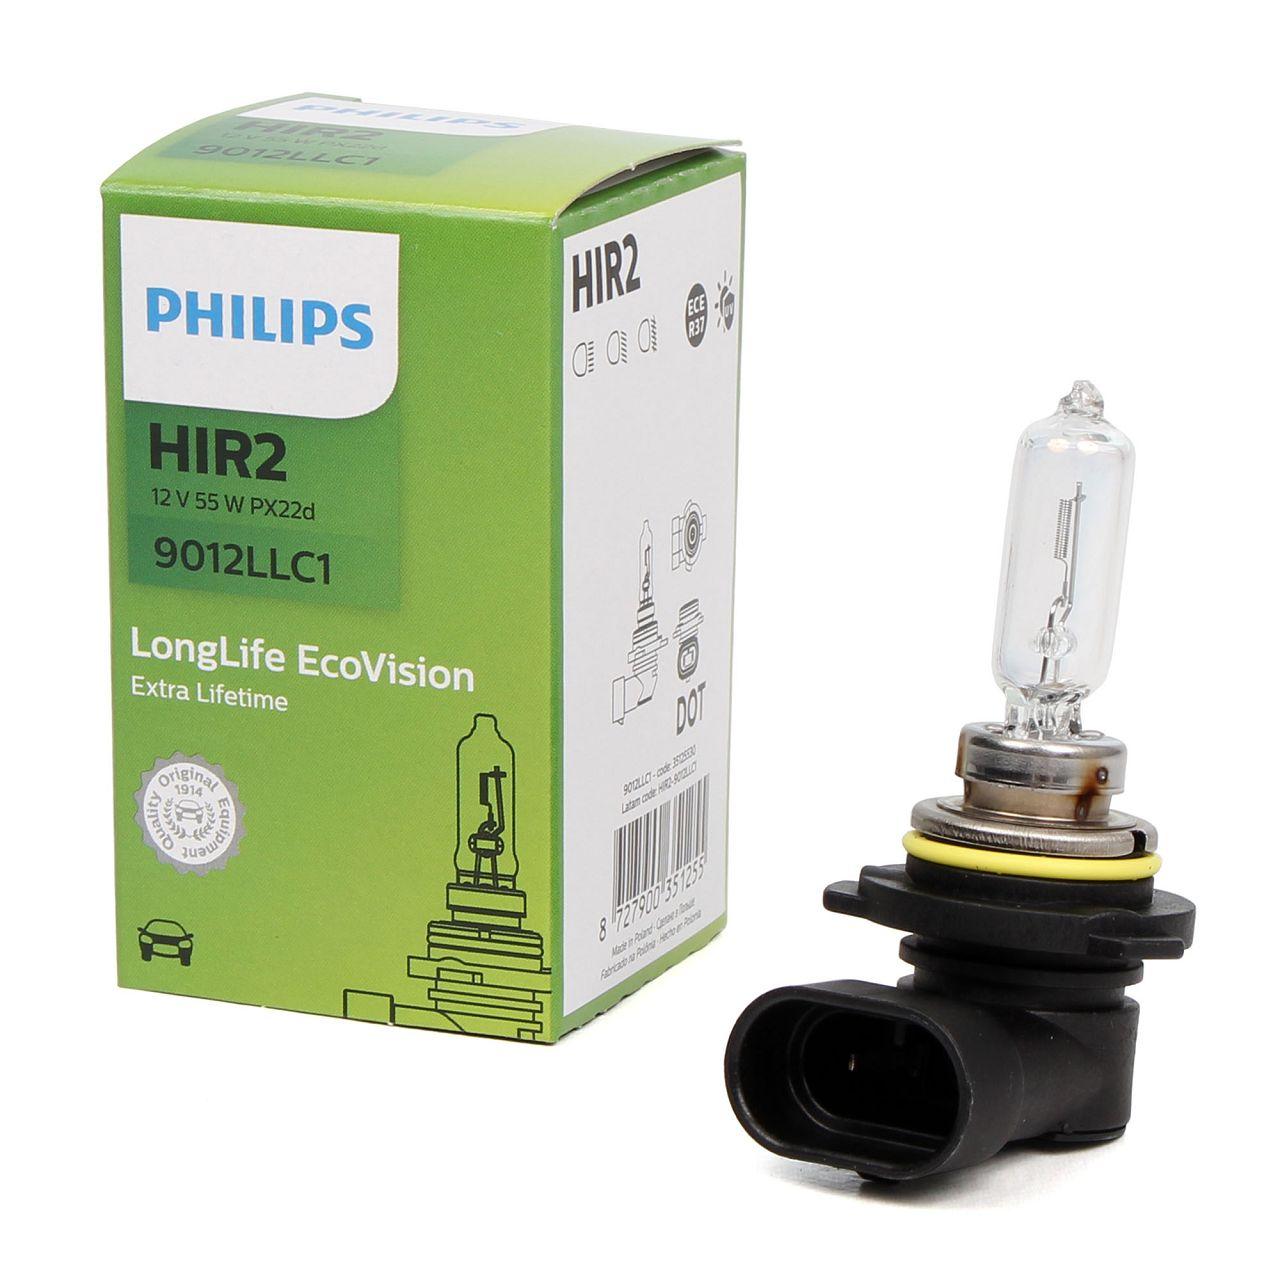 PHILIPS Halogenlampe Glühlampe HIR2 LONGLIFE 12V 55W PX22d